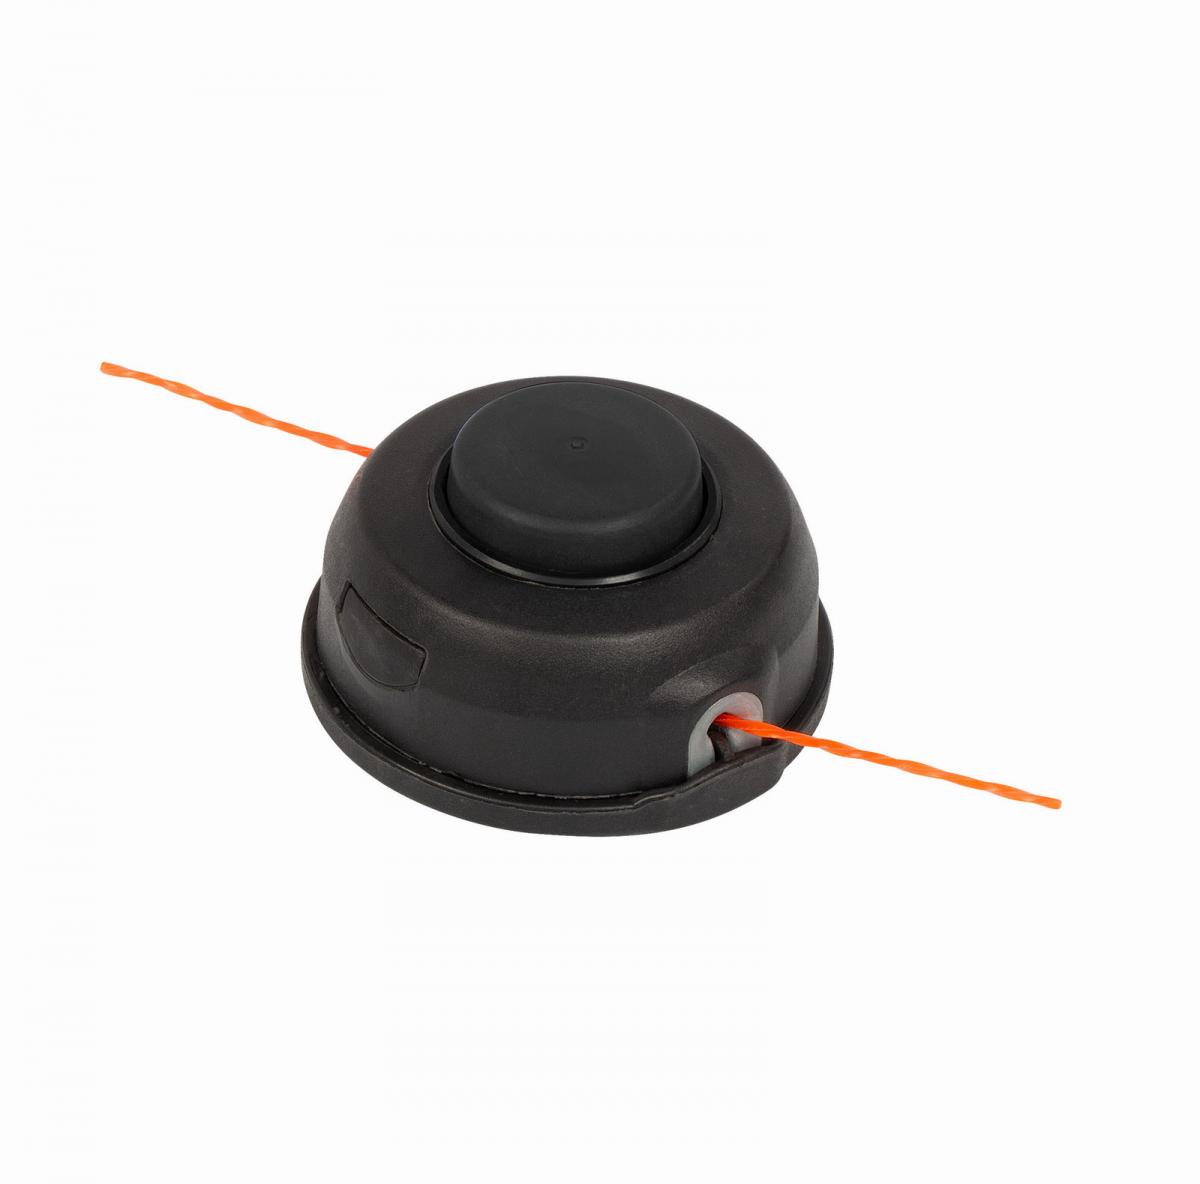 POWACG1261 - Struna pro POWDPG7551-POWDPG7553